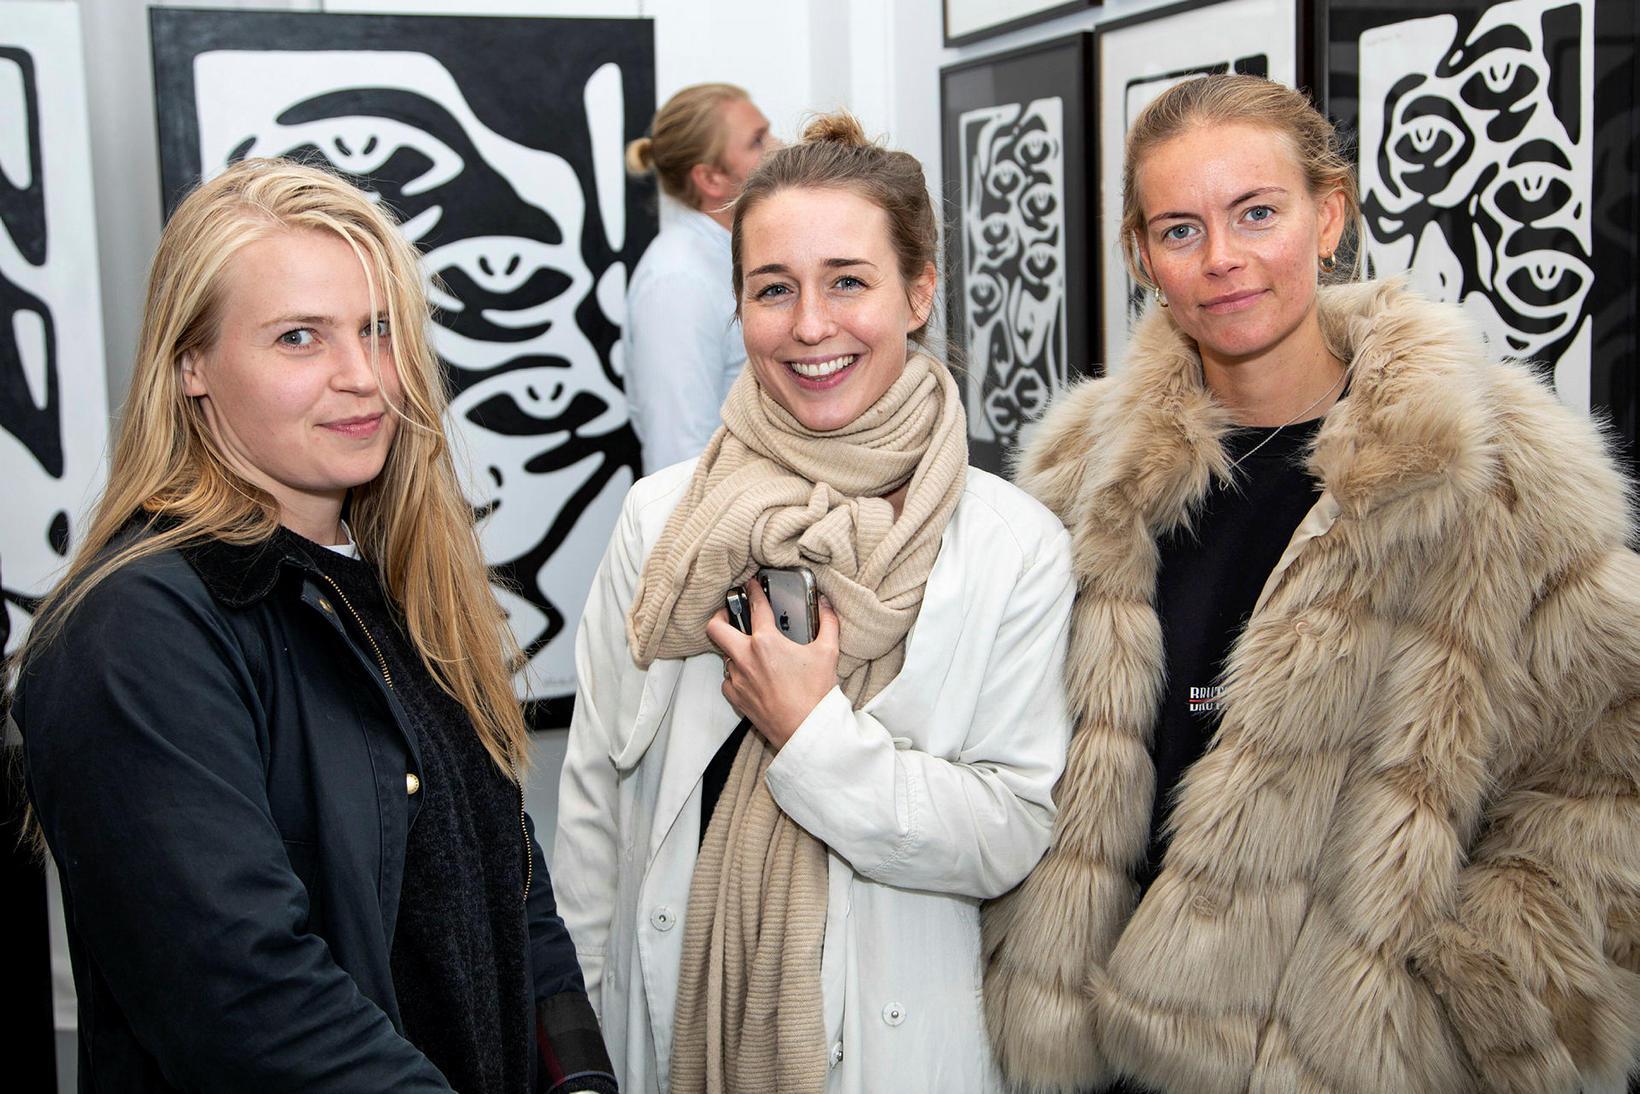 Ragna Ragnarsdóttir, Andrea Karlsdóttir og Kristín Pétursdóttir.